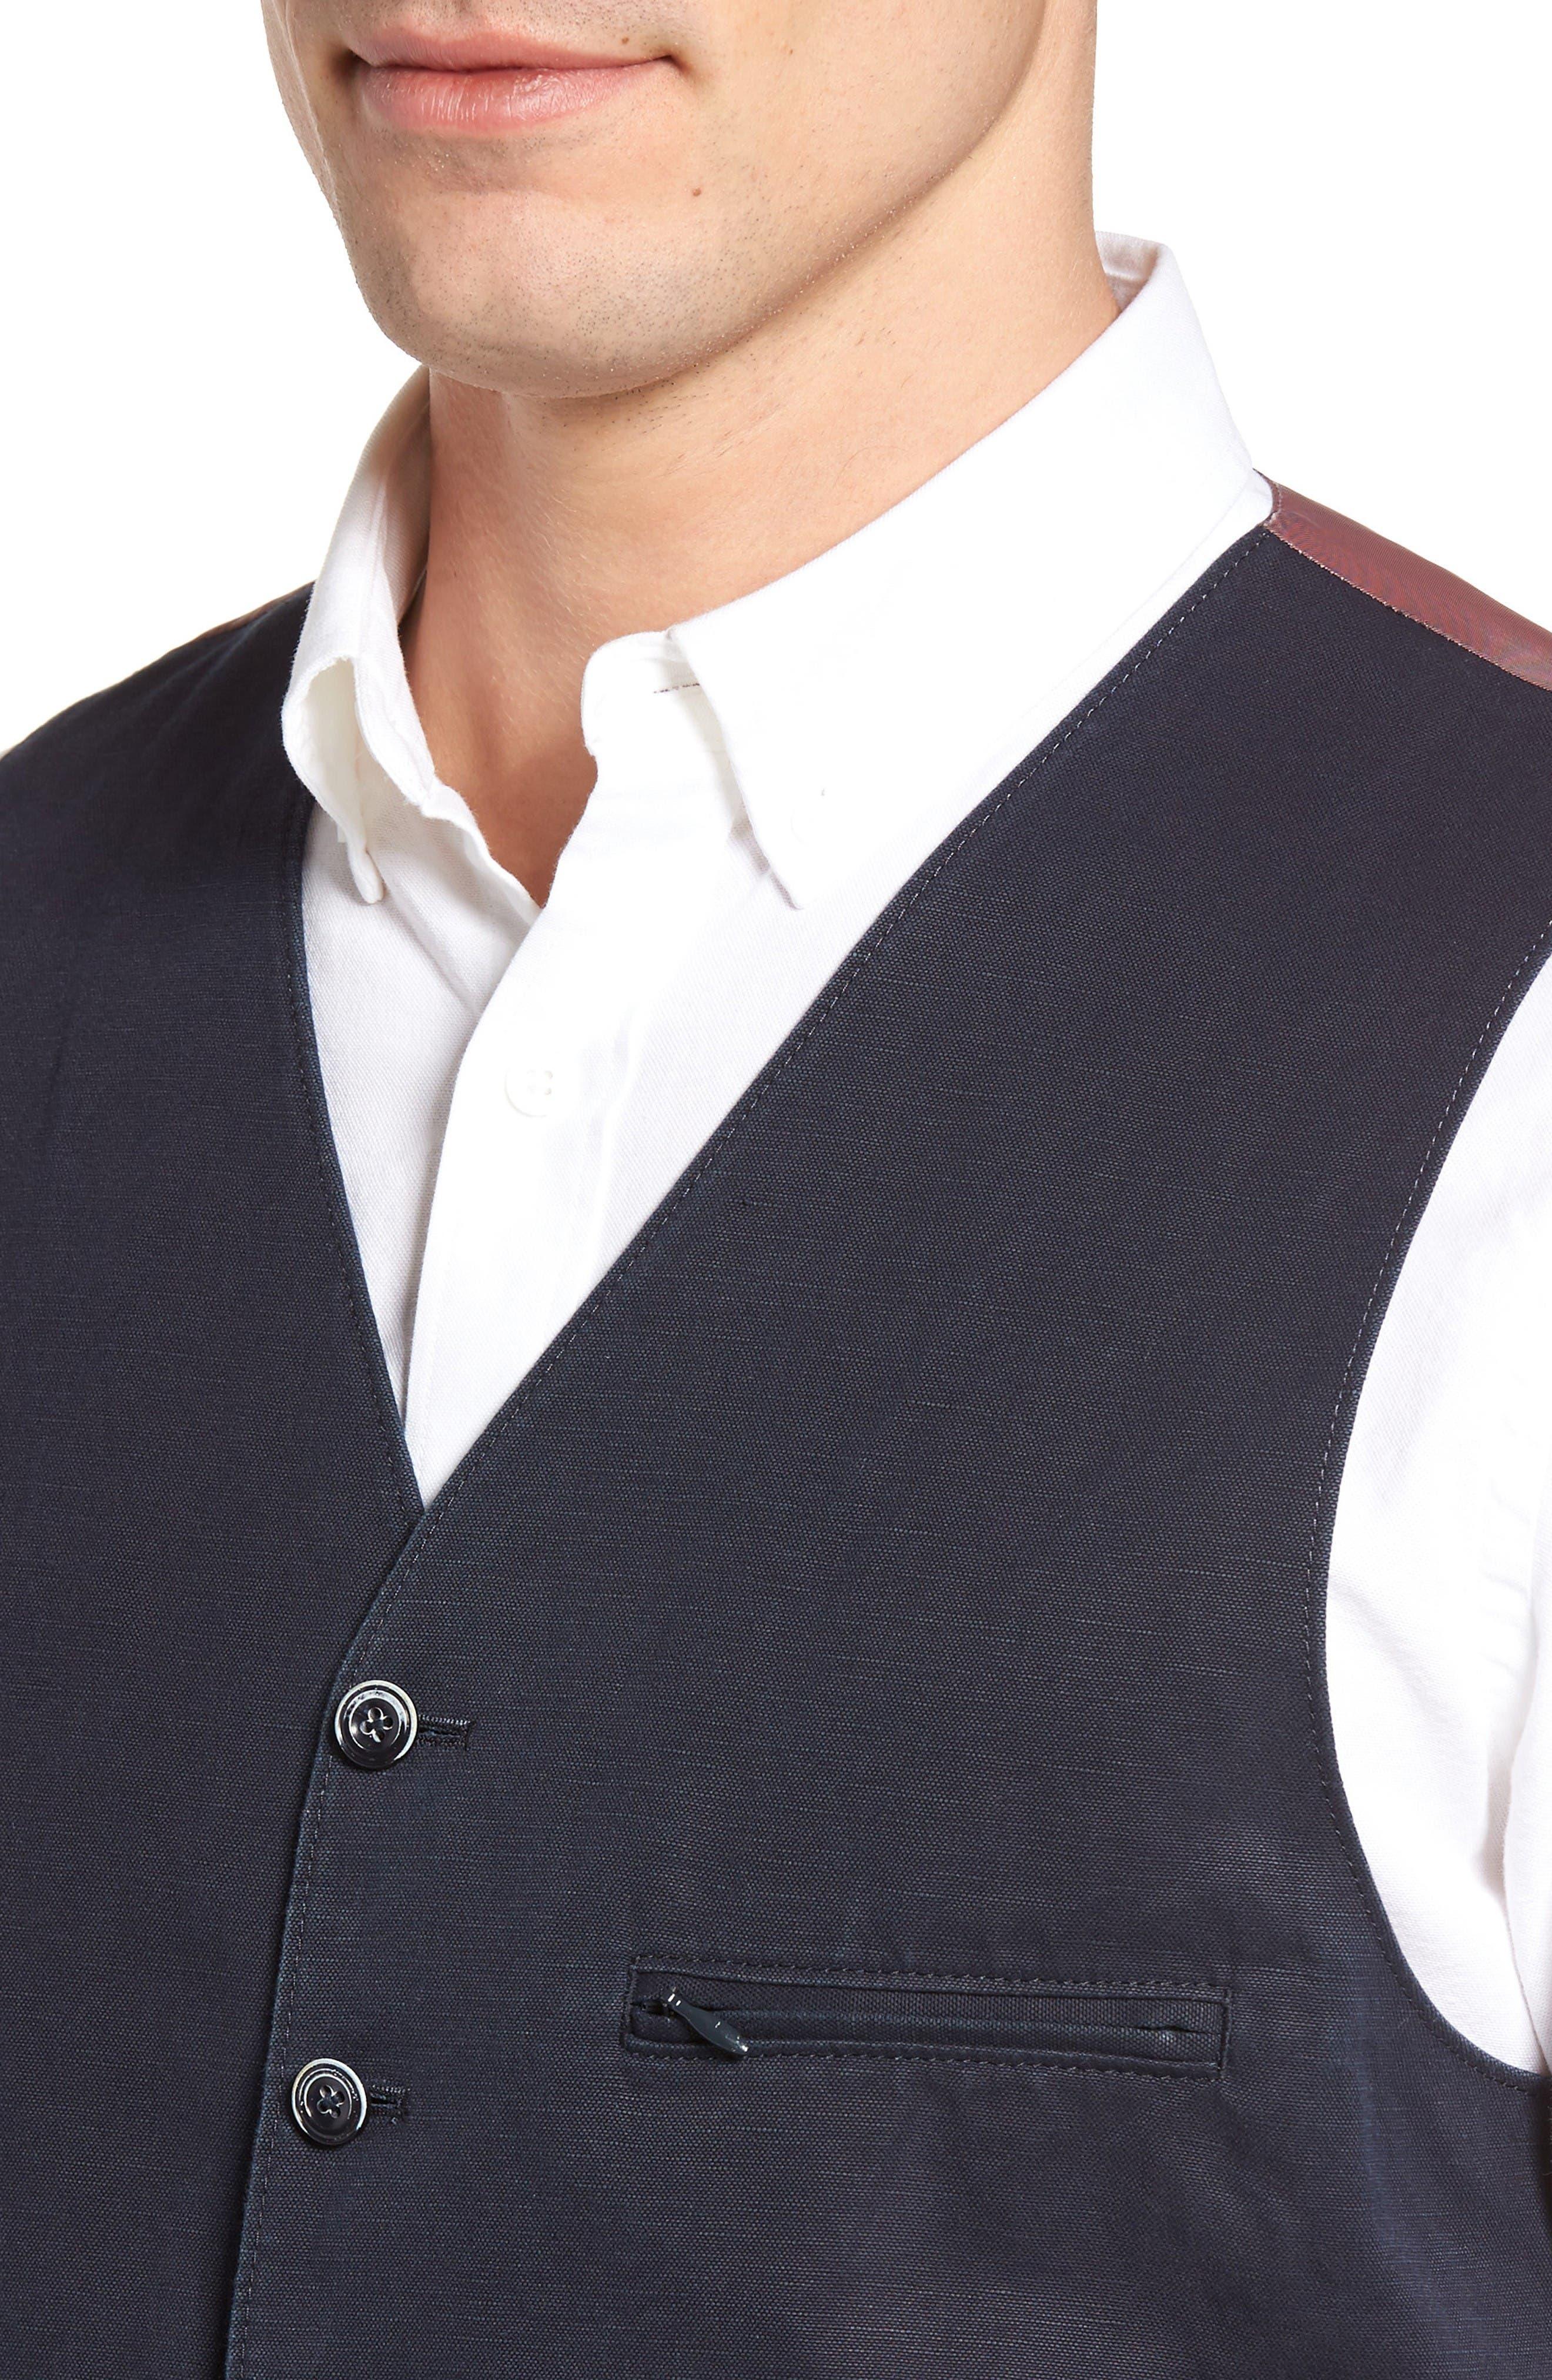 Hootie Solid Cotton & Linen Vest,                             Alternate thumbnail 4, color,                             Navy